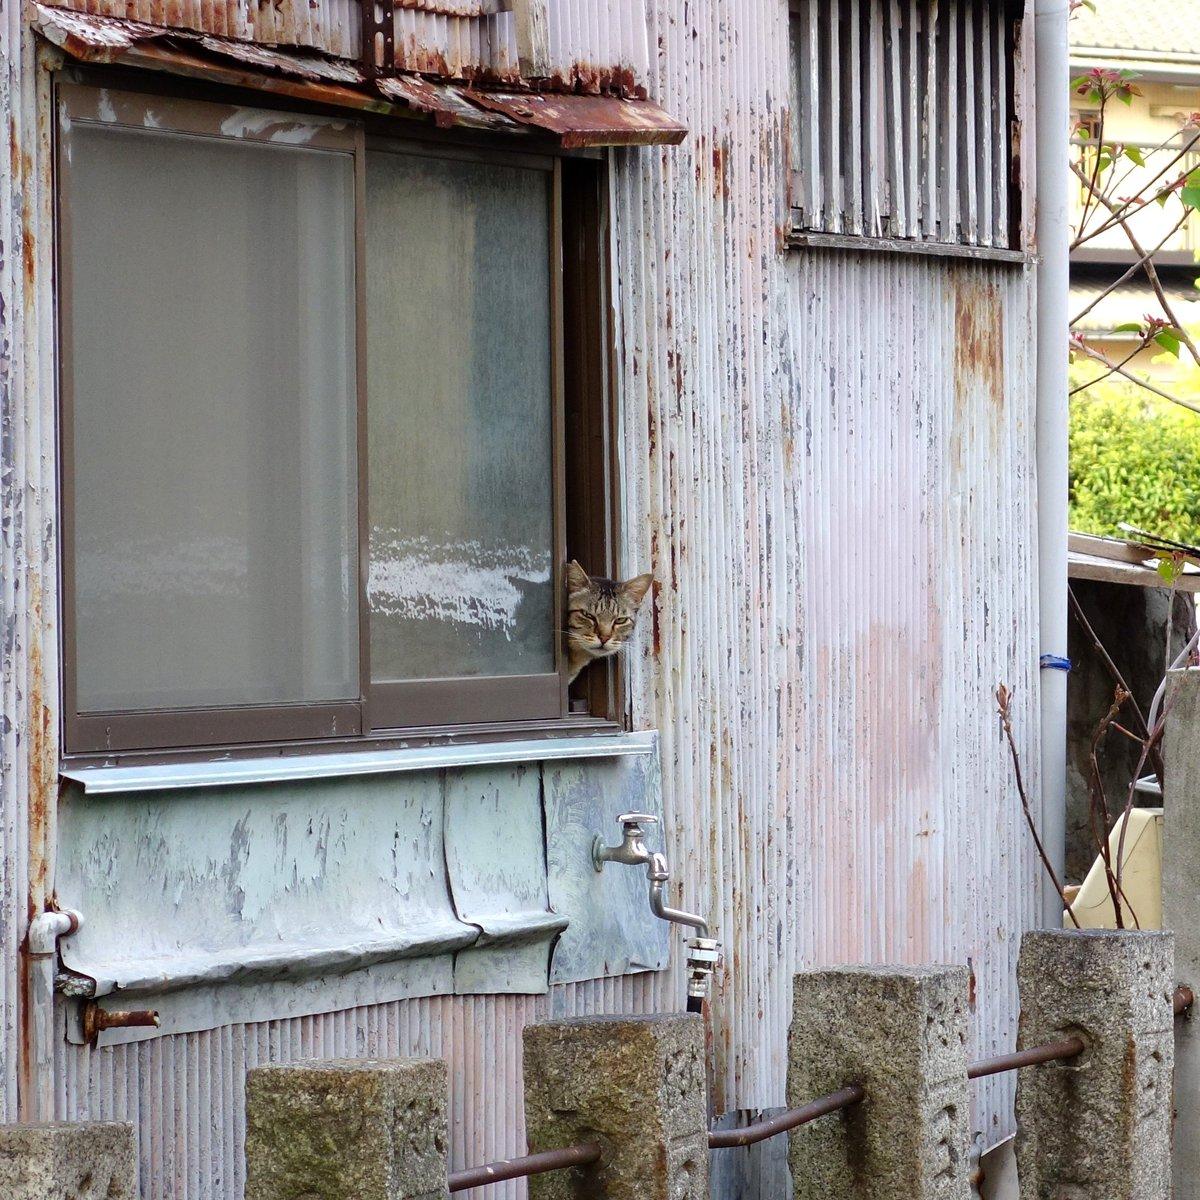 散歩中 背後から何かの視線を感じ振り返ると 誰も住んでいないはずの古びた家の窓から 明らかに人間ではない者が こちらをジッと見つめていたのです…。 https://t.co/edqNQJD9ly